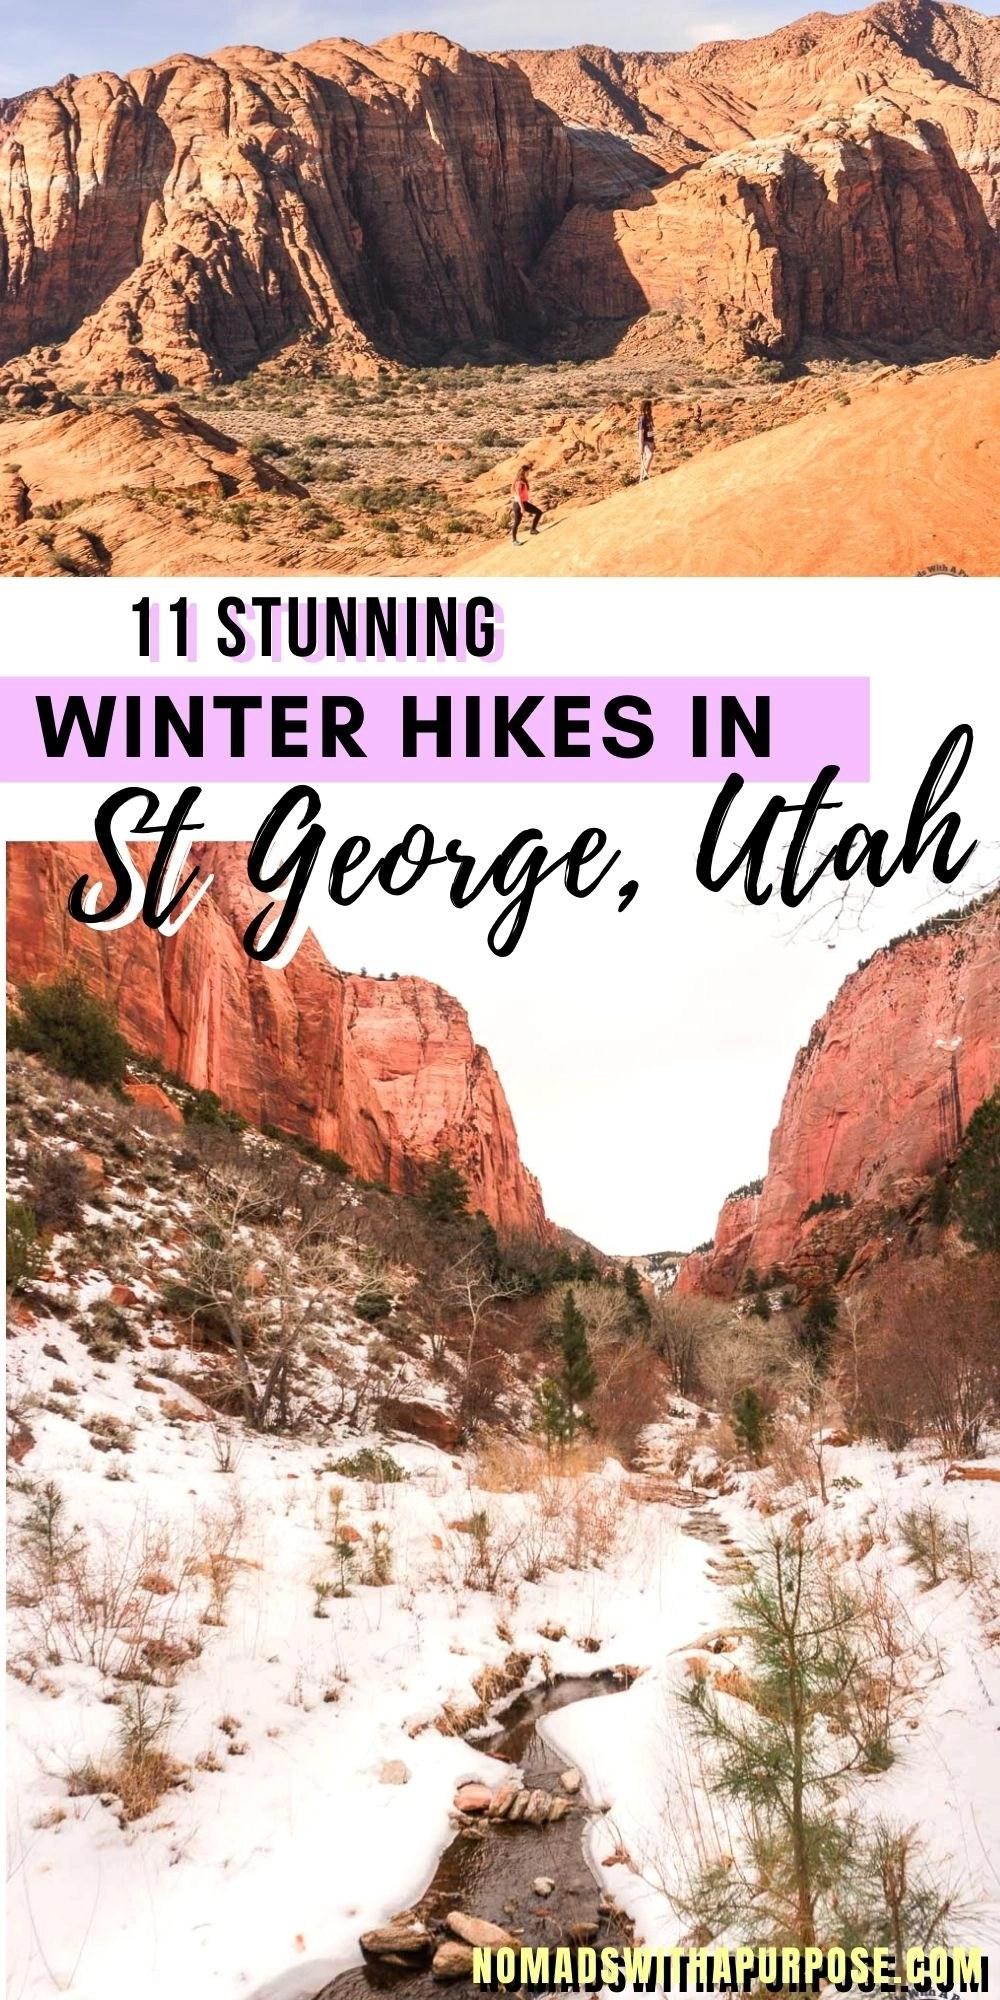 11 Stunning Winter Hikes in St George, Utah